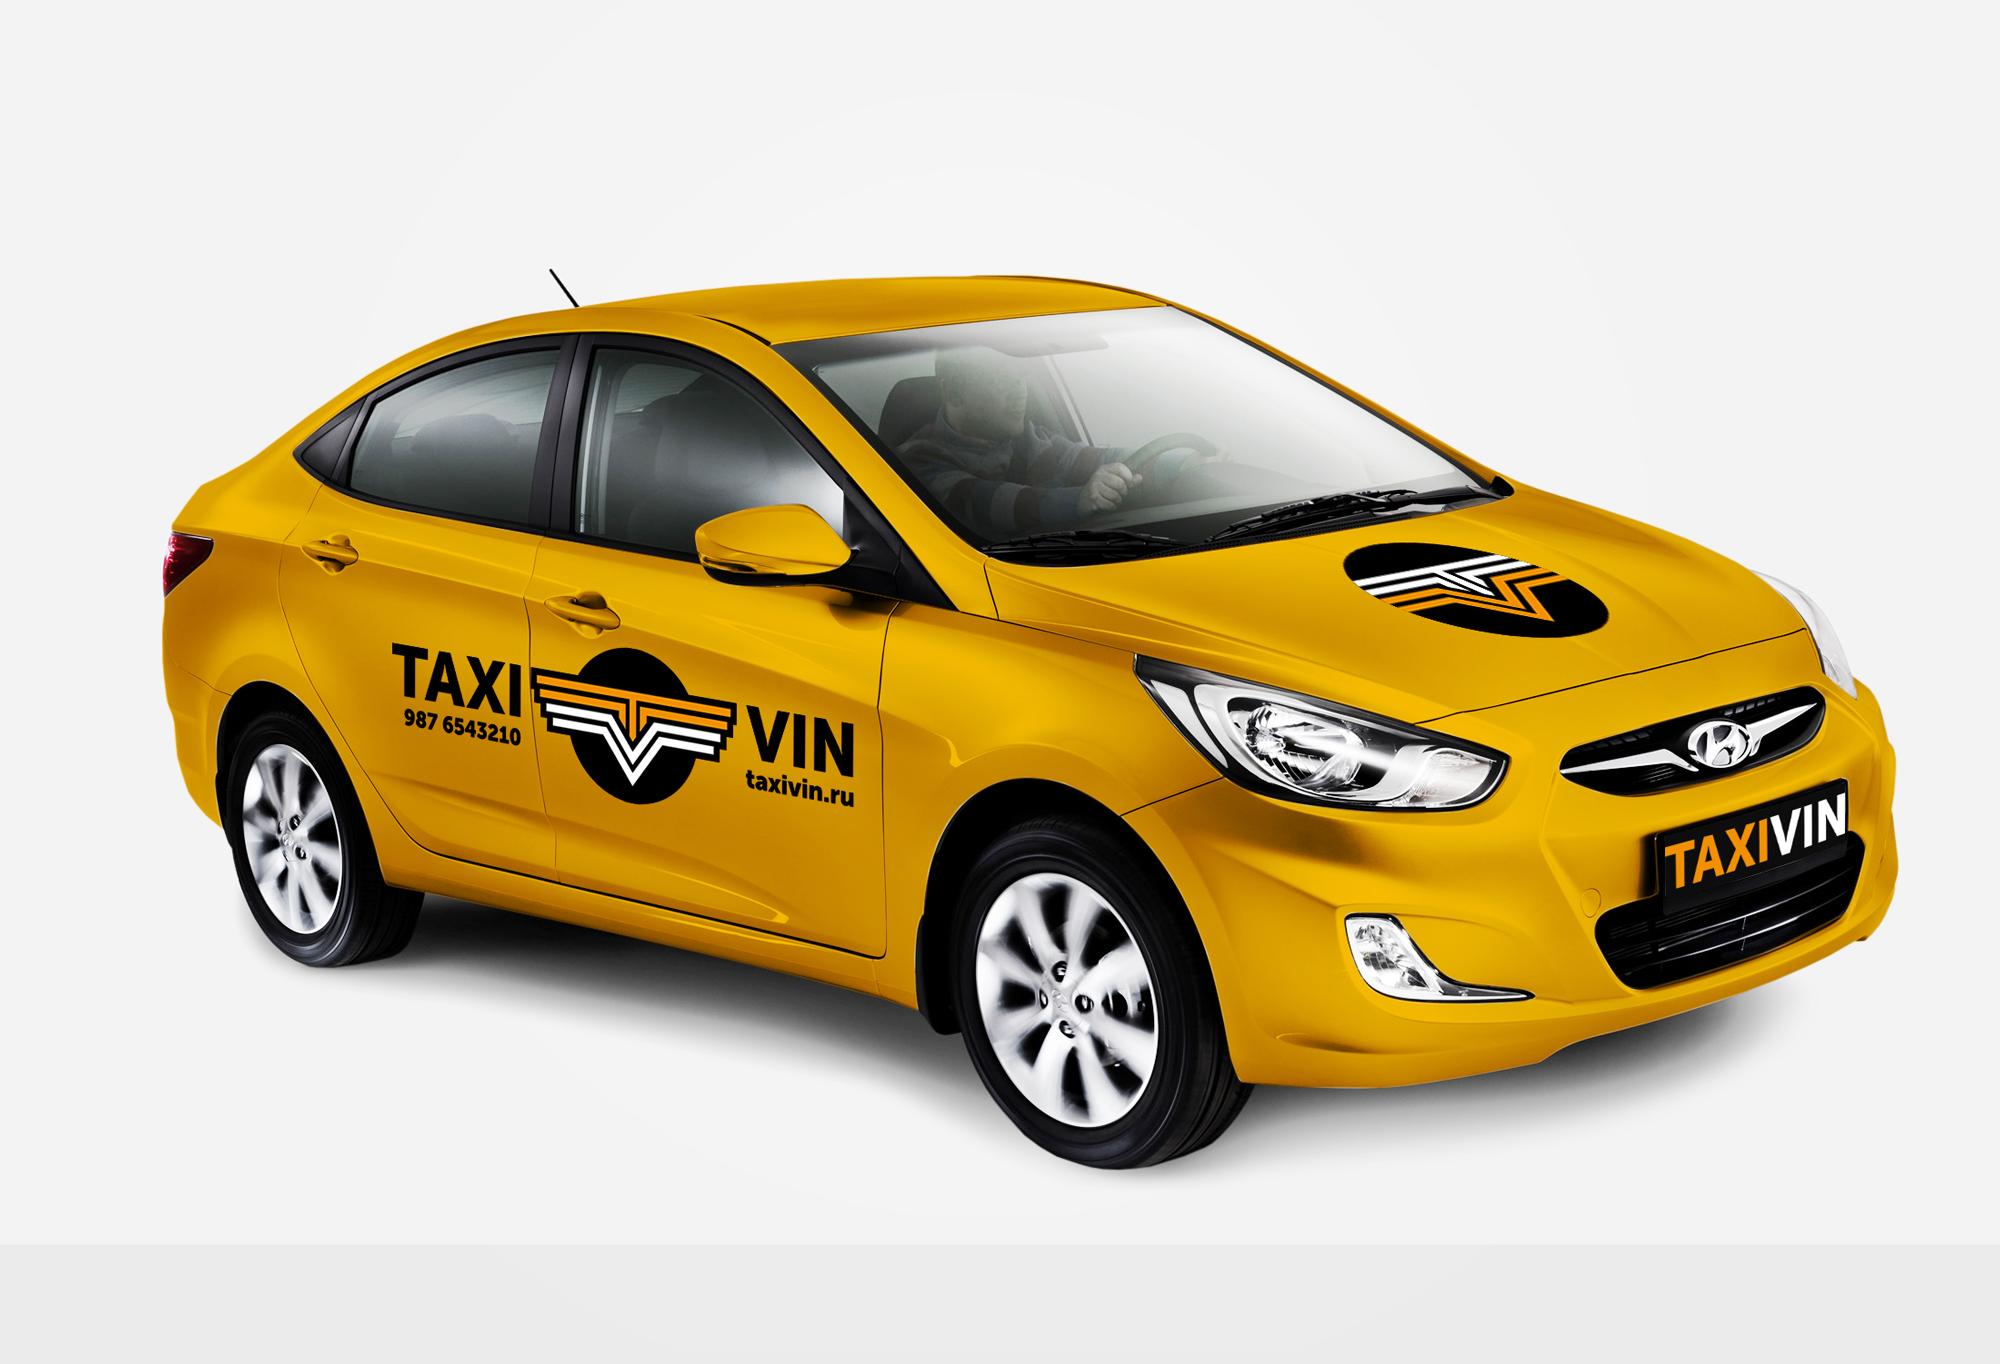 Разработка логотипа и фирменного стиля для такси фото f_2815b9e7f8dcc7d4.jpg